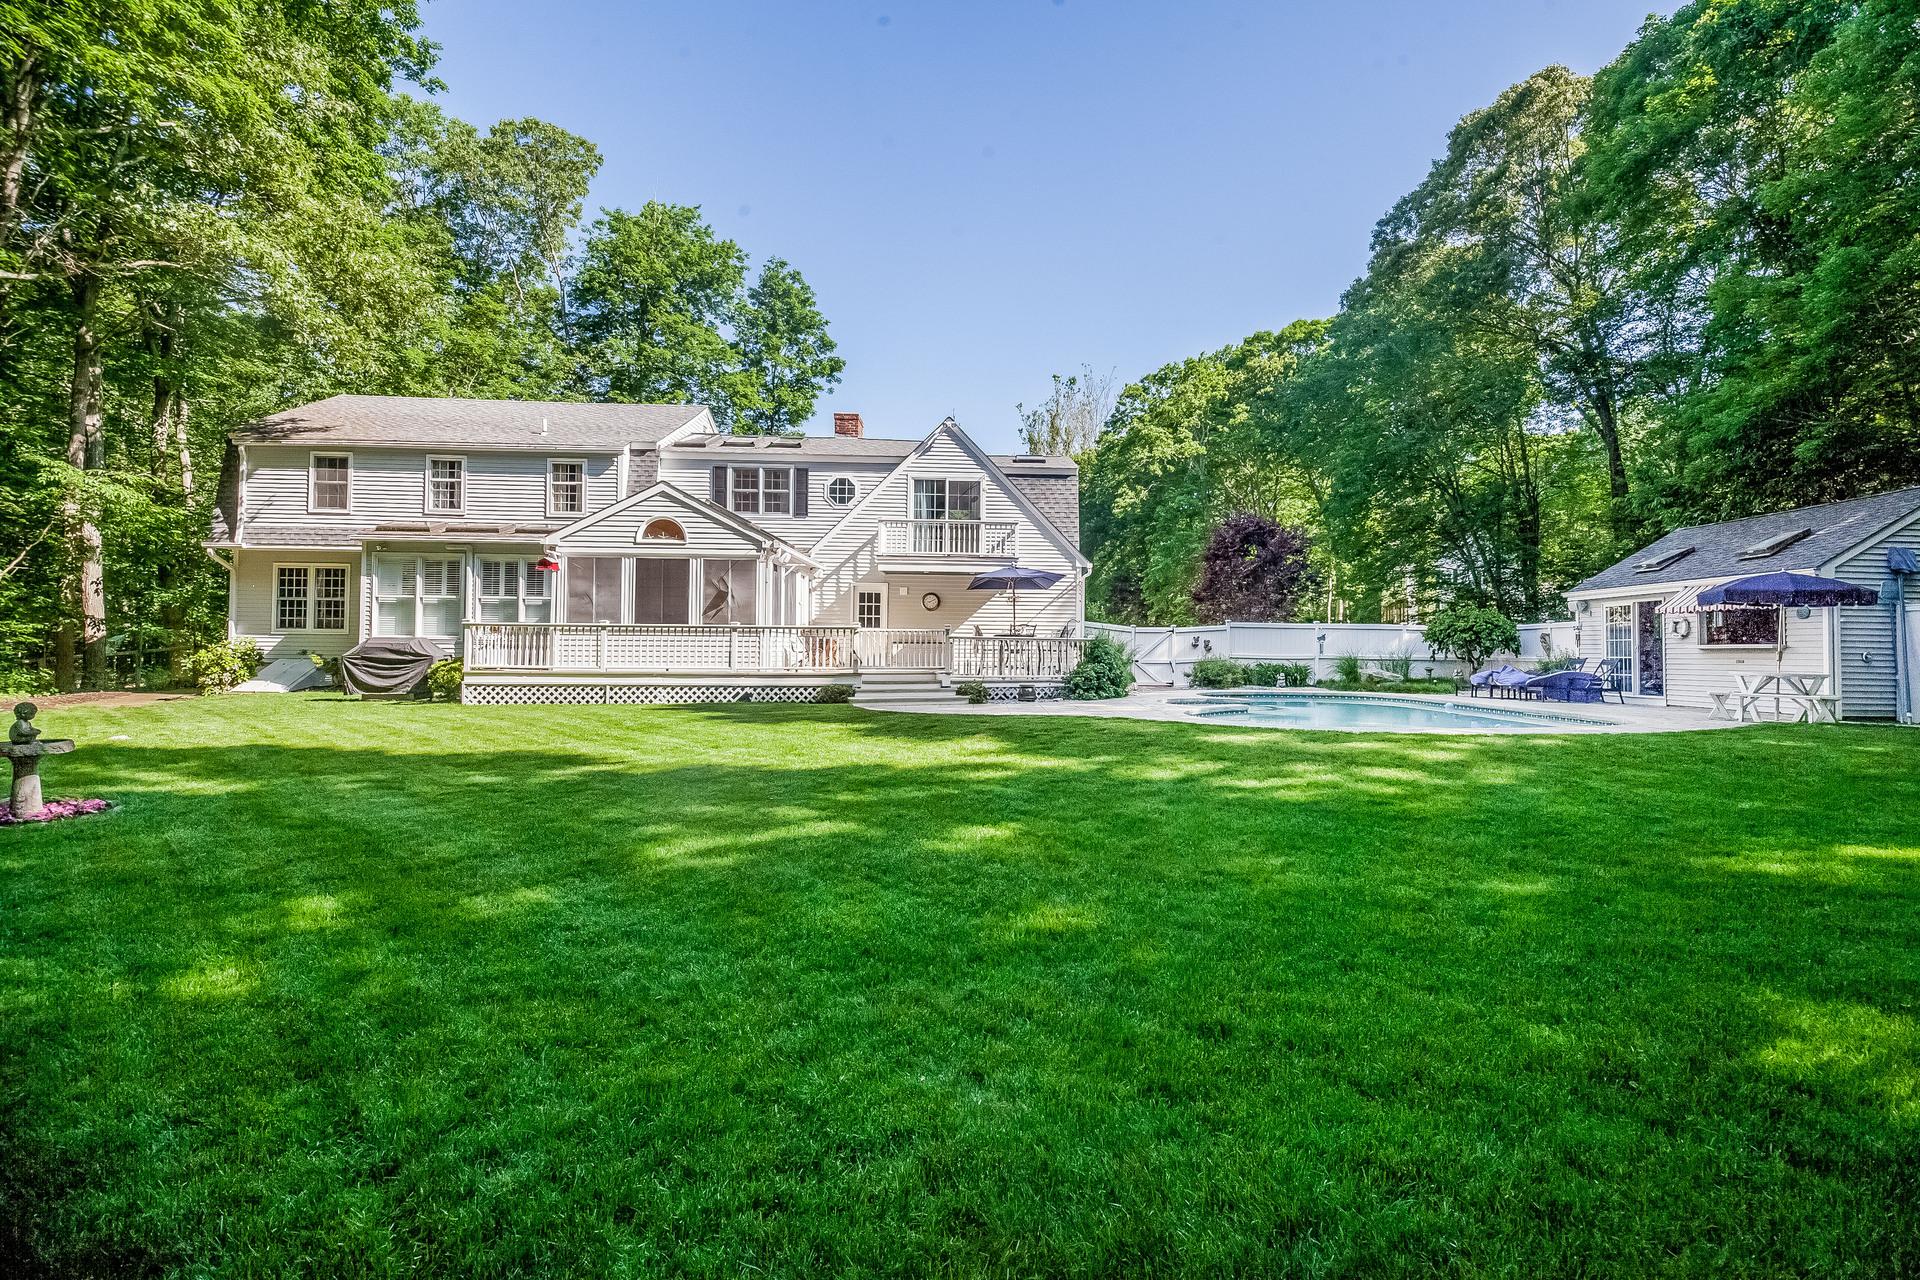 Maison unifamiliale pour l Vente à 6 Pheasant Ln Madison, Connecticut, 06443 États-Unis